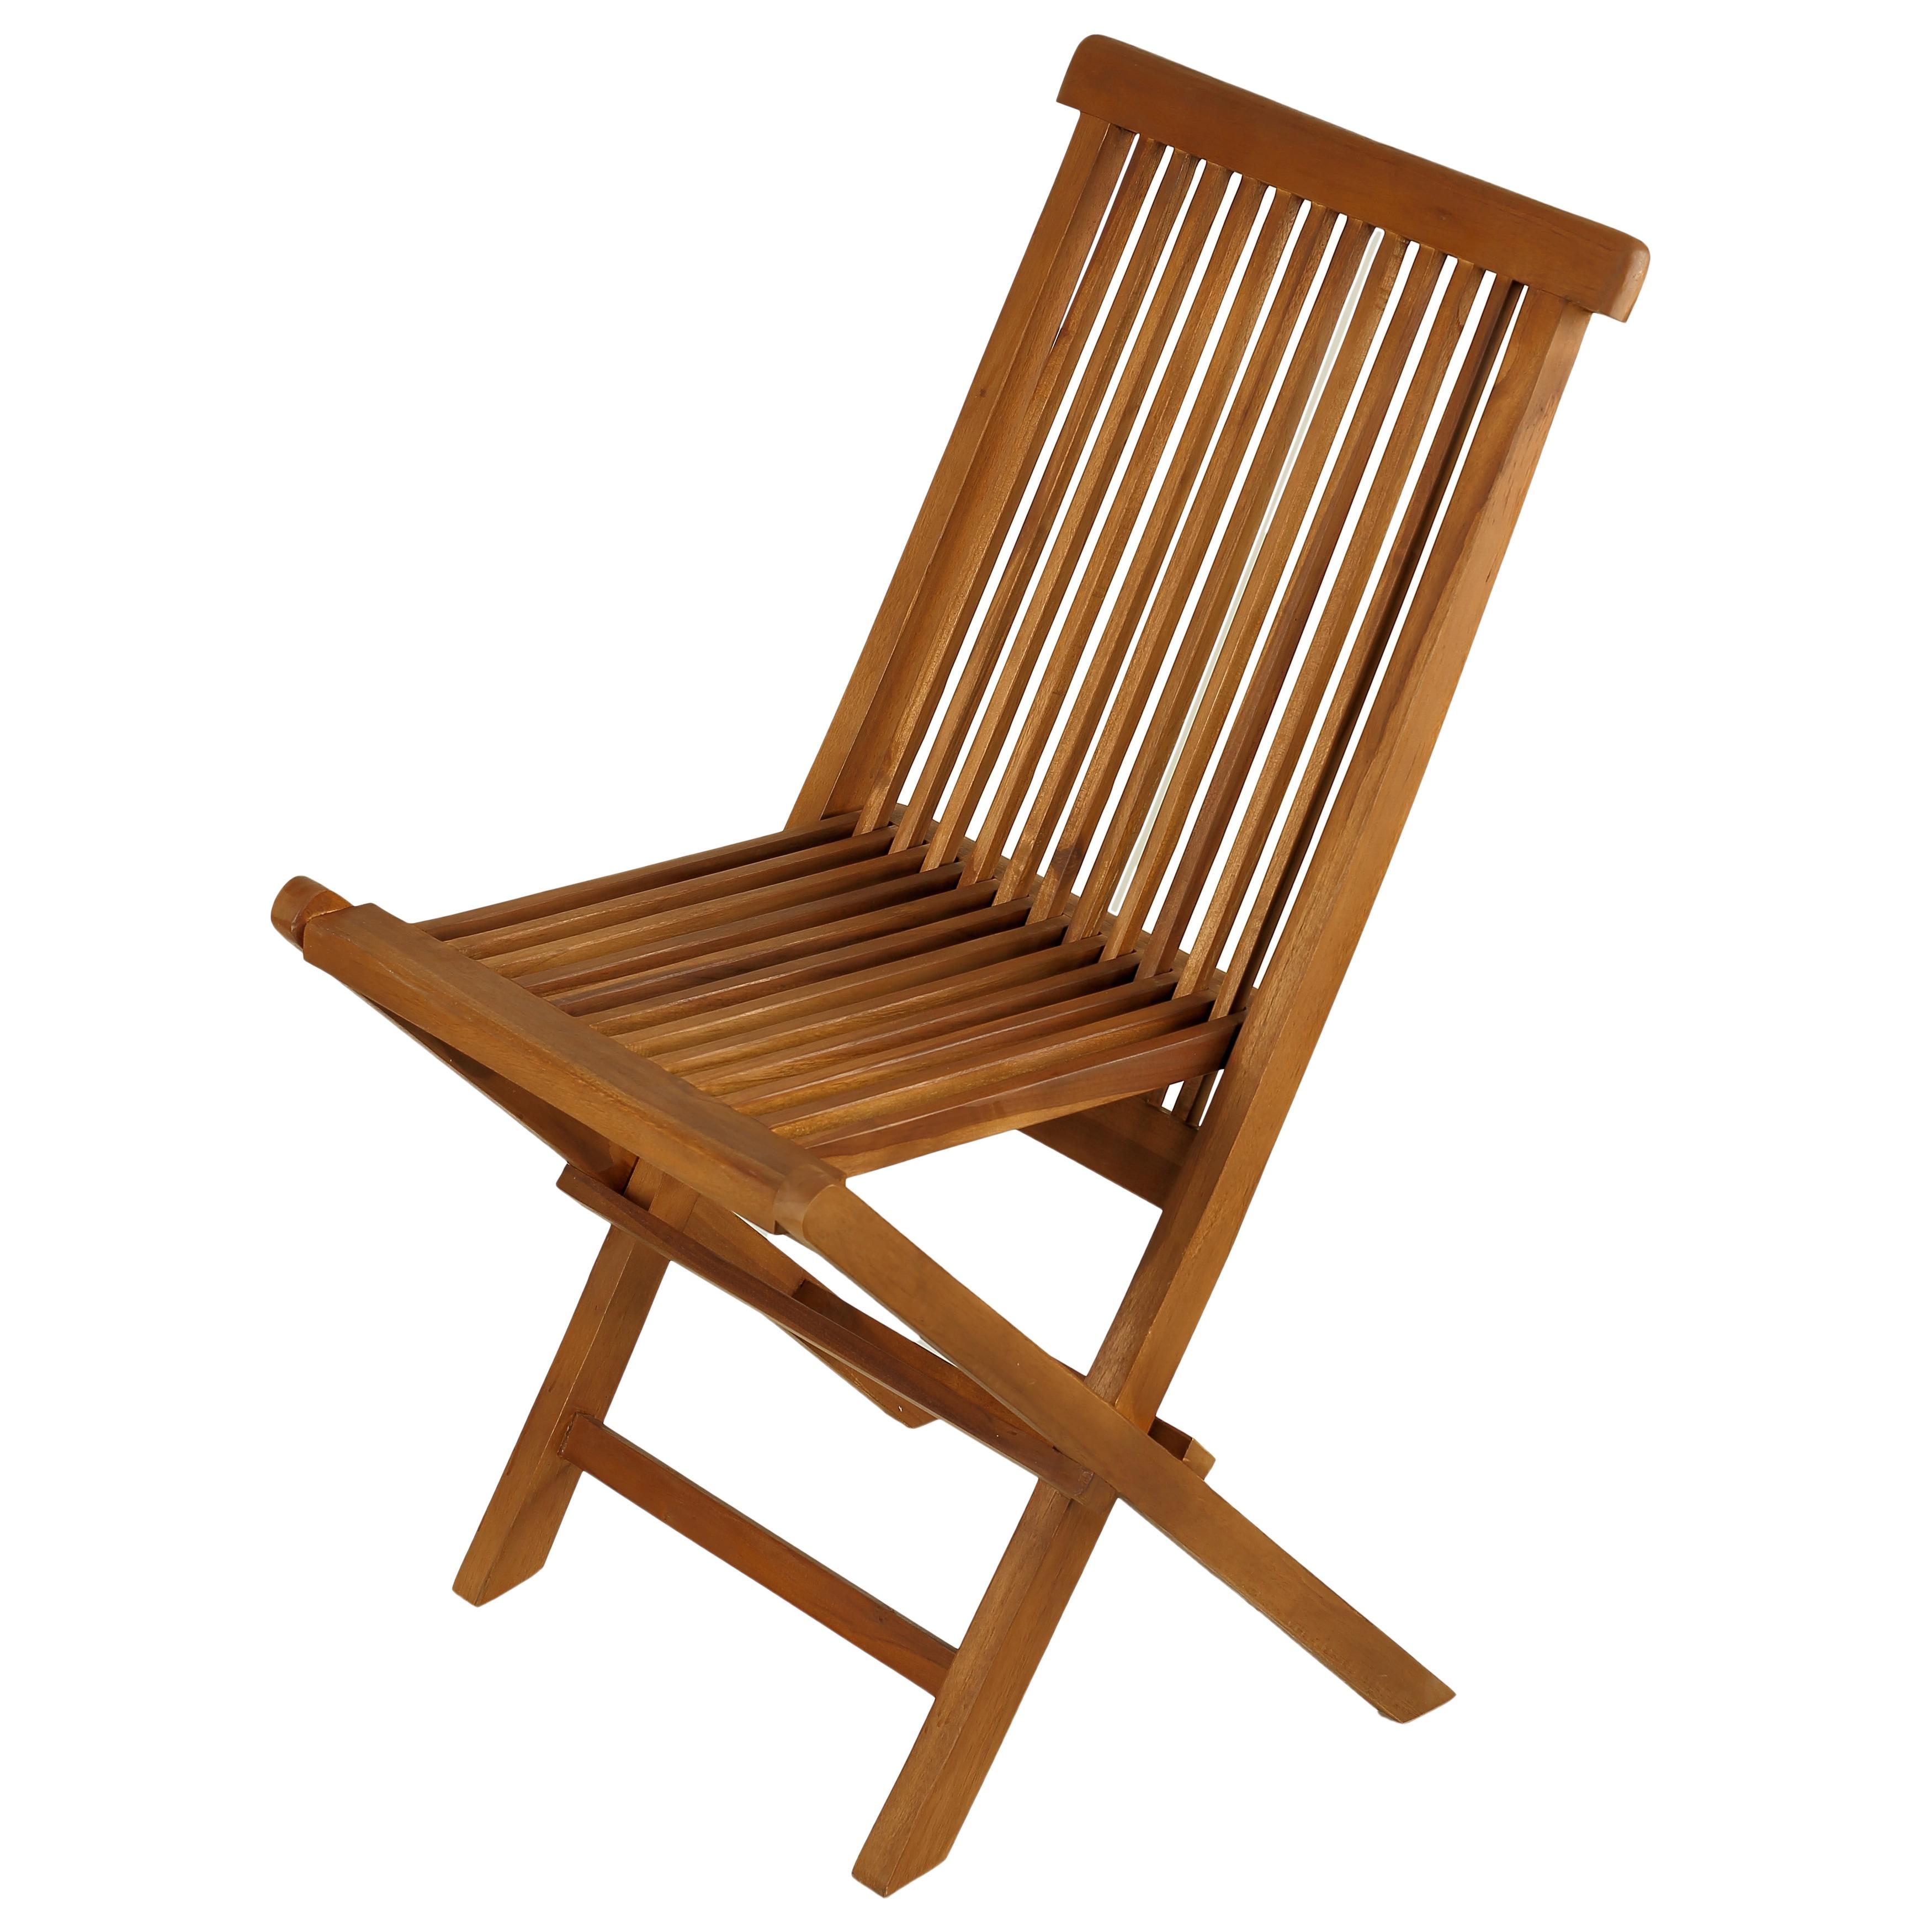 Bare Decor Vega Golden Teak Wood Outdoor Folding Chair Set of 2